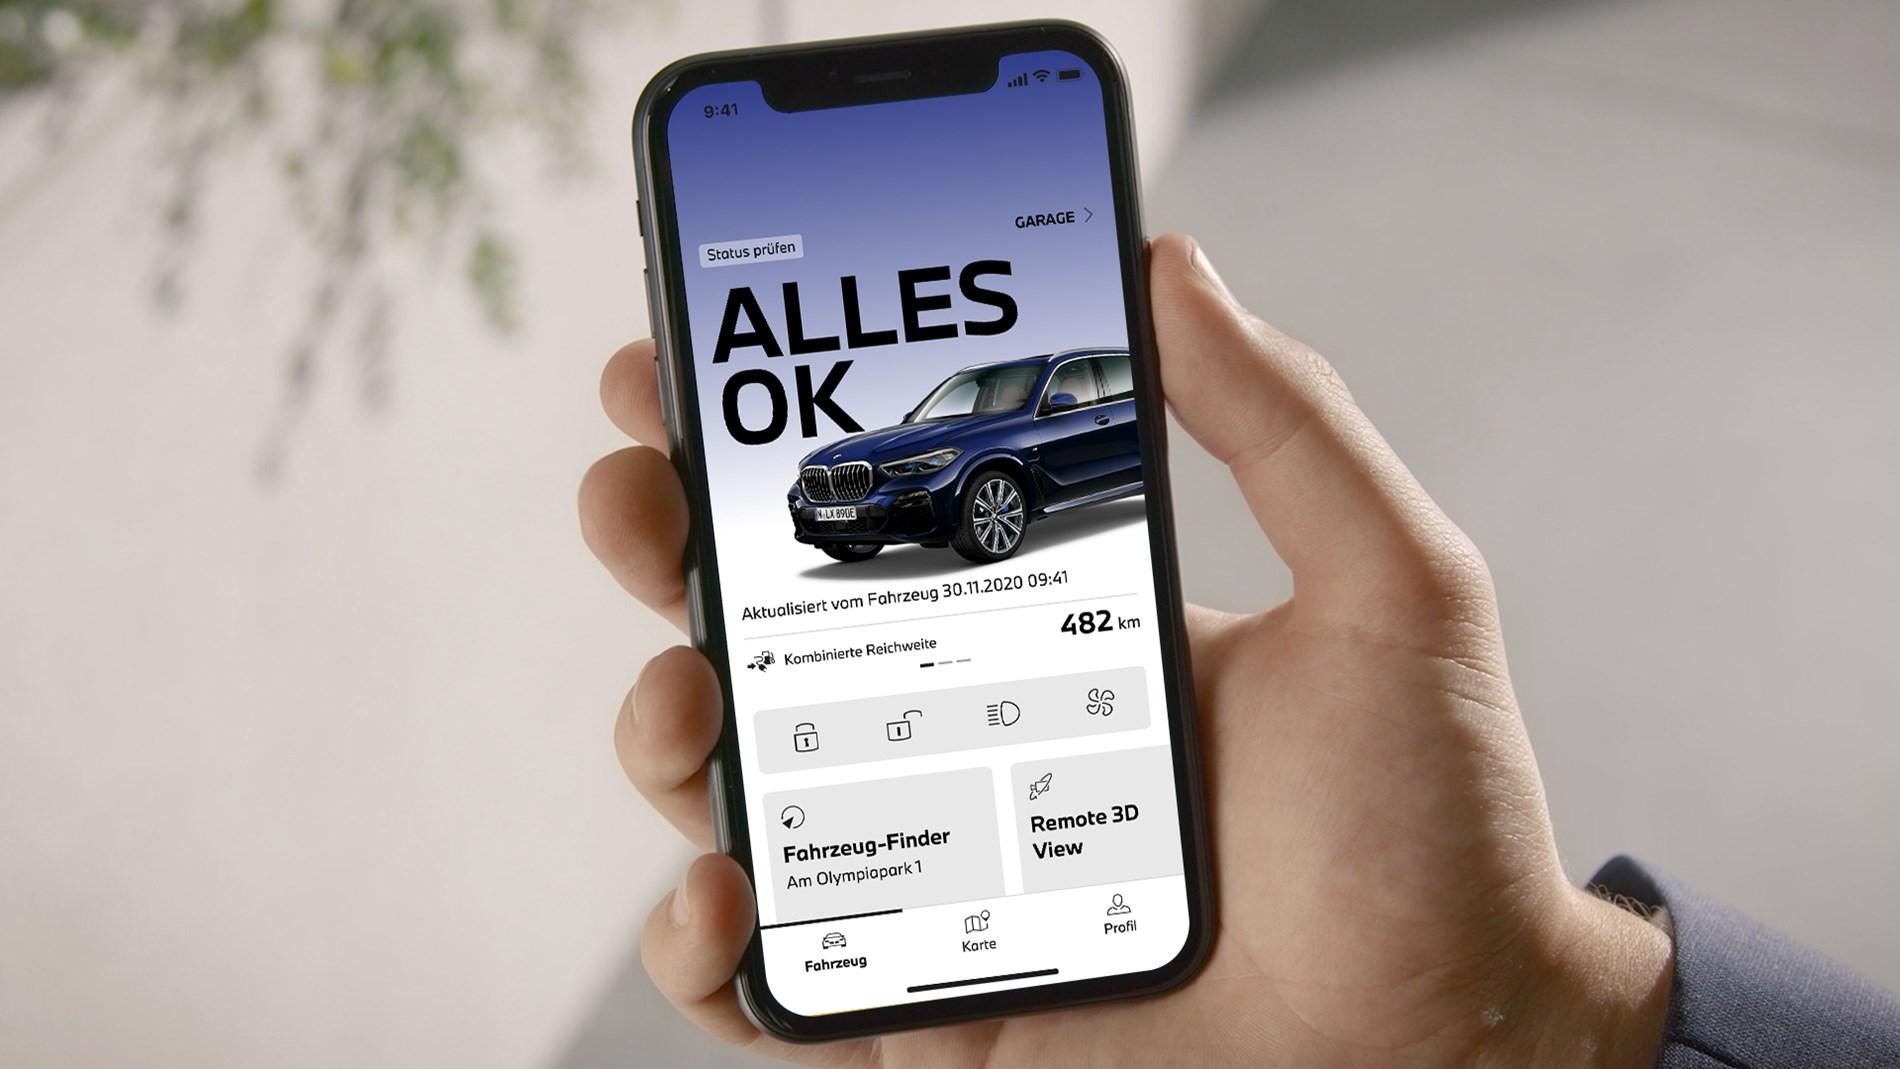 De nieuwste generatie My BMW App nu beschikbaar voor BMW-rijders.